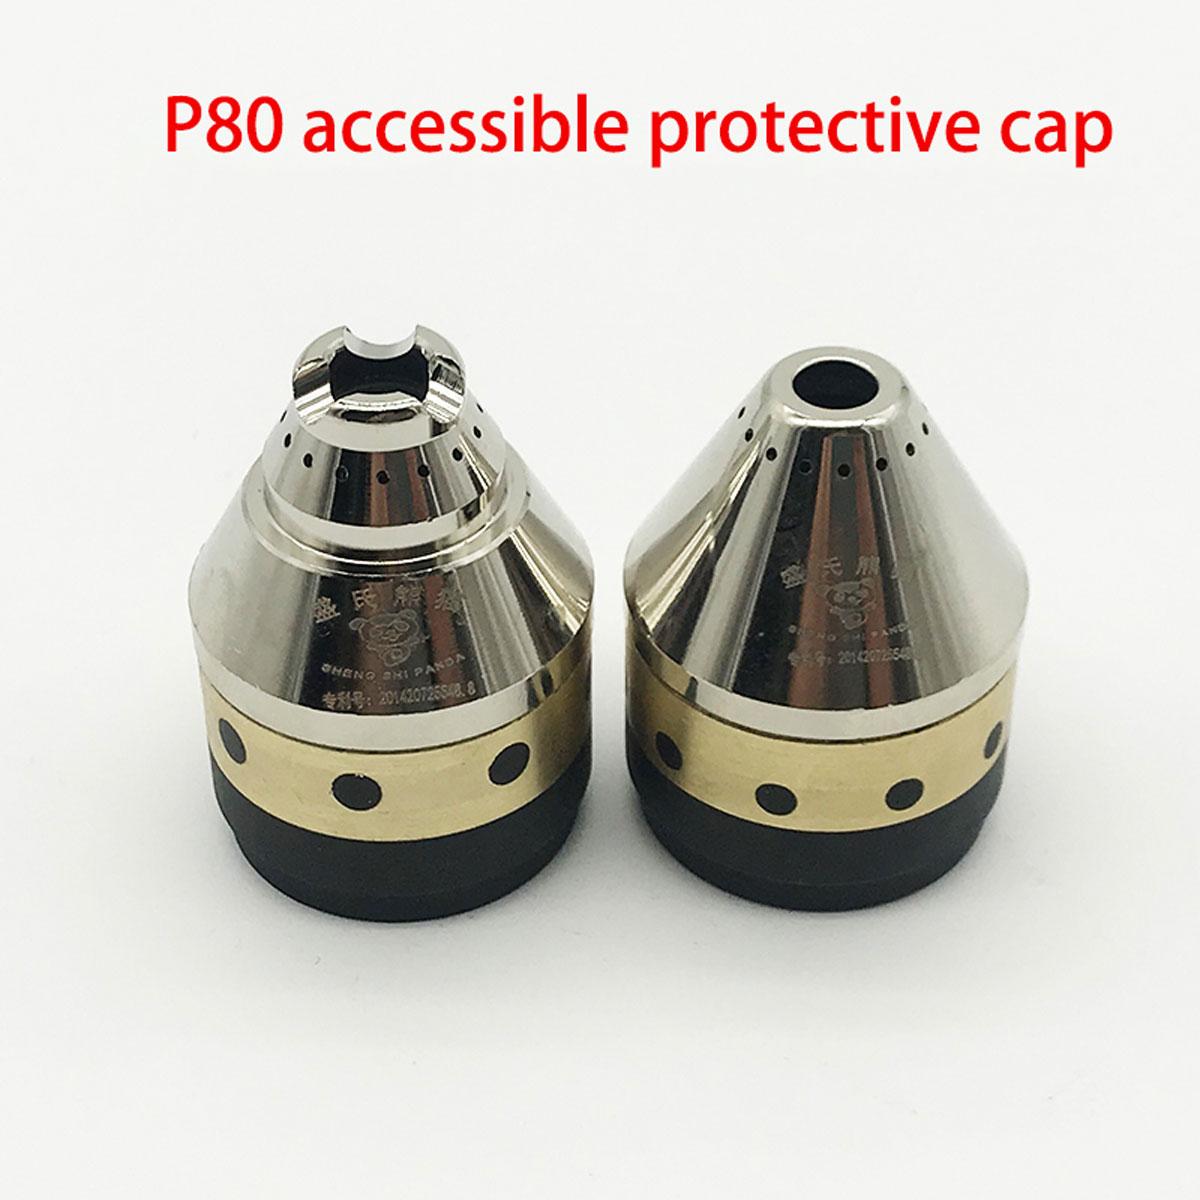 Аксессуары для плазменной горелки P80, режущее сопло, медный защитный колпачок, защитное покрытие с полным покрытием, можно контактировать с ...